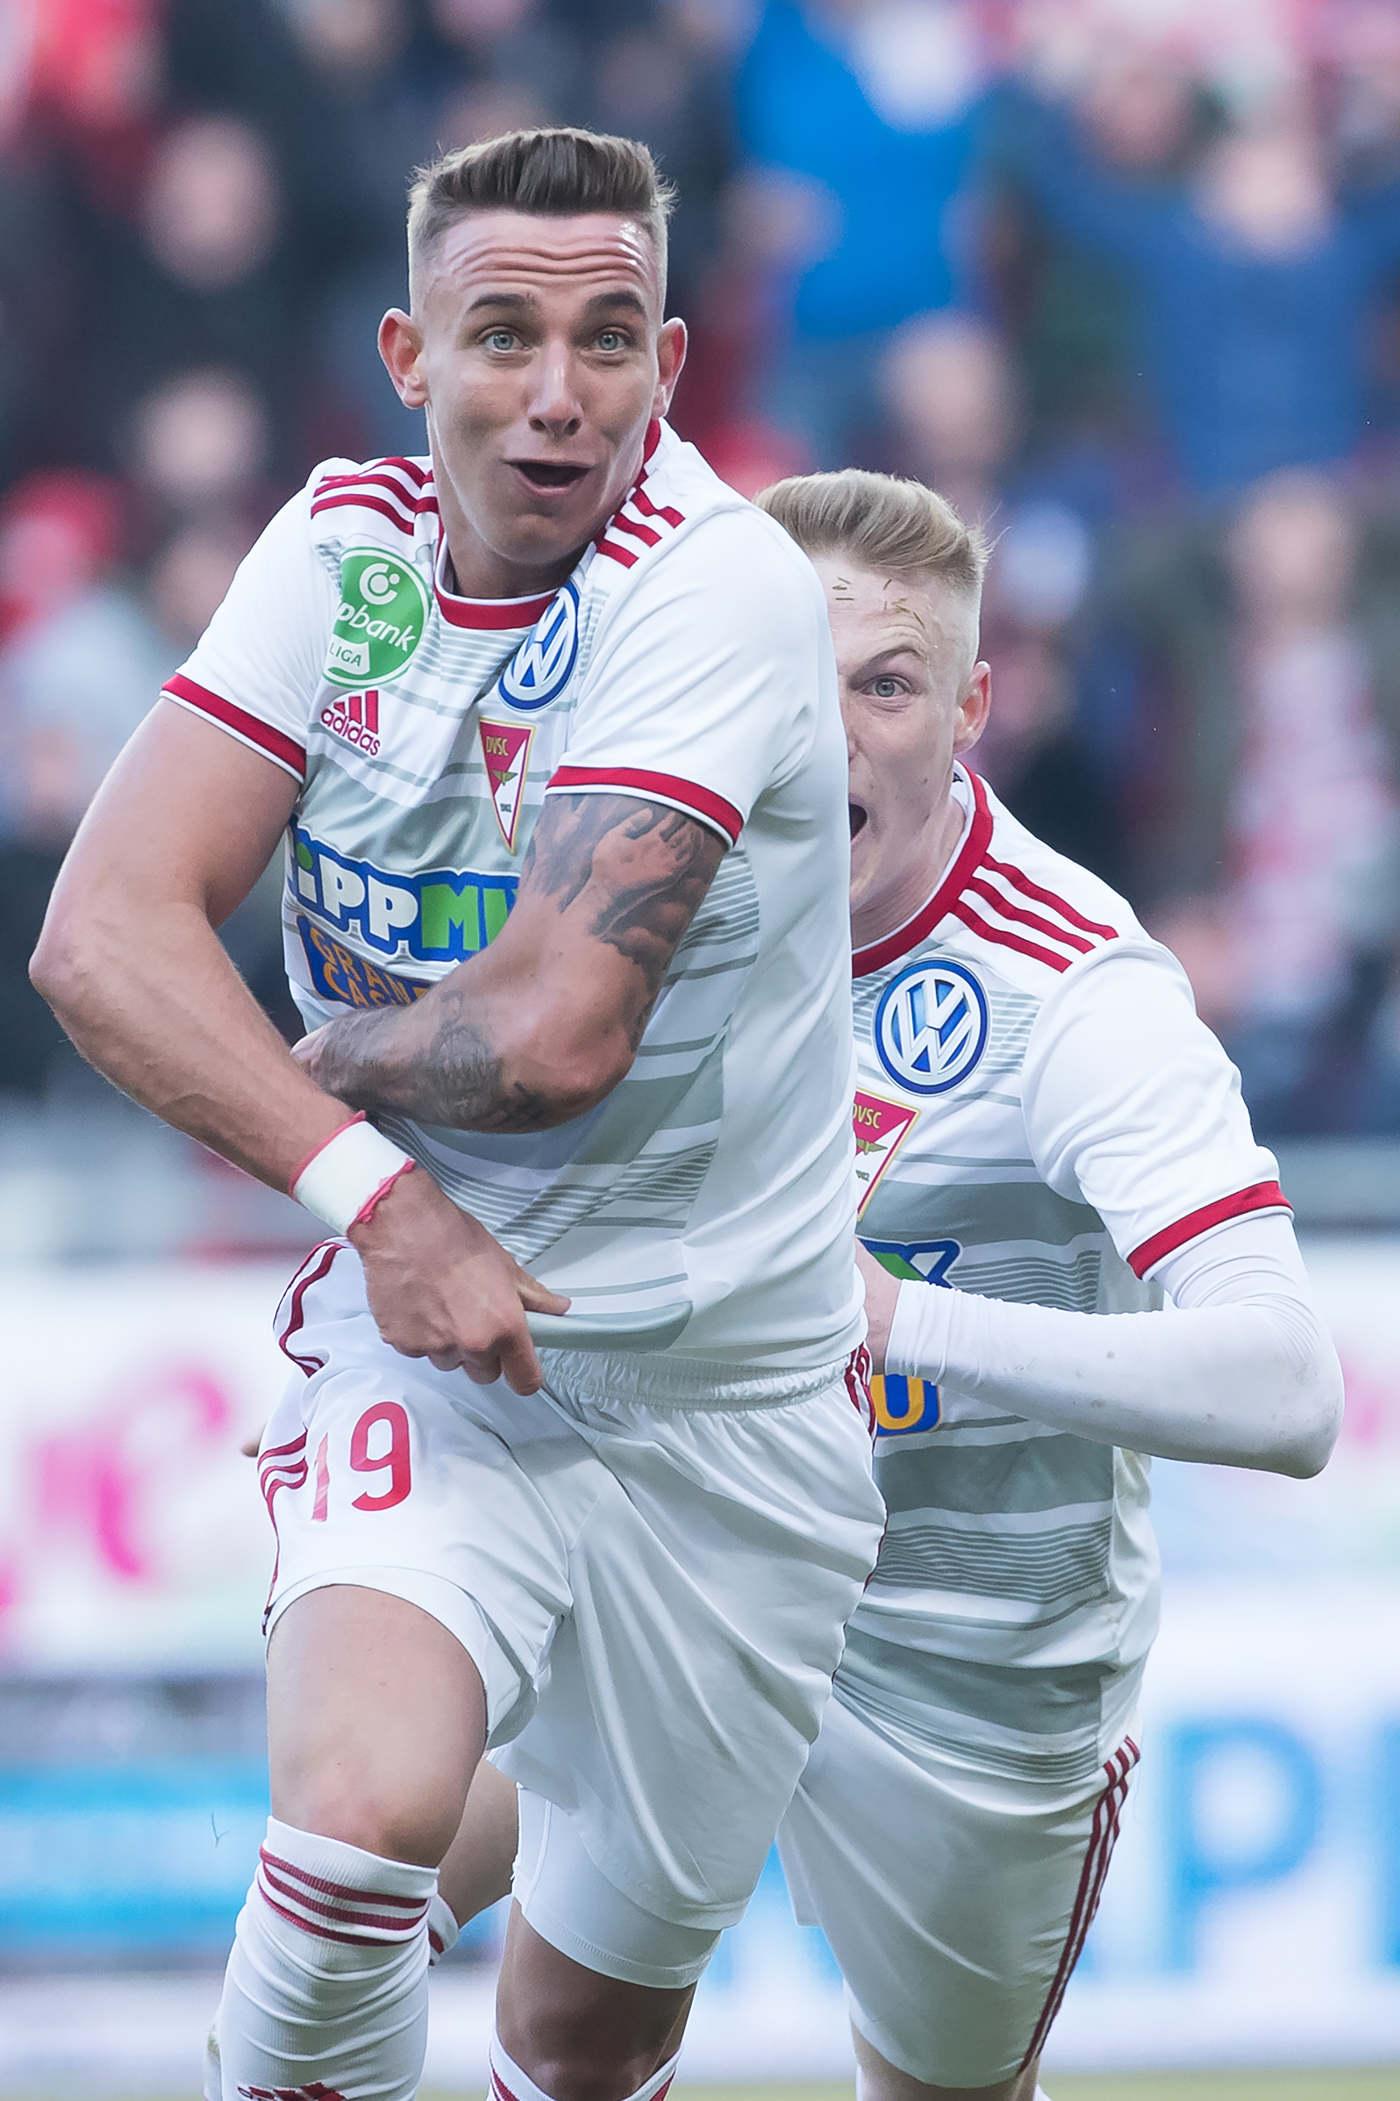 Február: Egy csapásra világhírű lett egy tizennyolc éves magyar focista. Zsóri Dániel ollózós góllal döntötte el a Debrecen-Ferencváros labdarúgó-mérkőzést. A találatot jelölték a Puskás-díjra, s a csatár szeptemberben át is vehette a legszebb gólért járó elismerést.